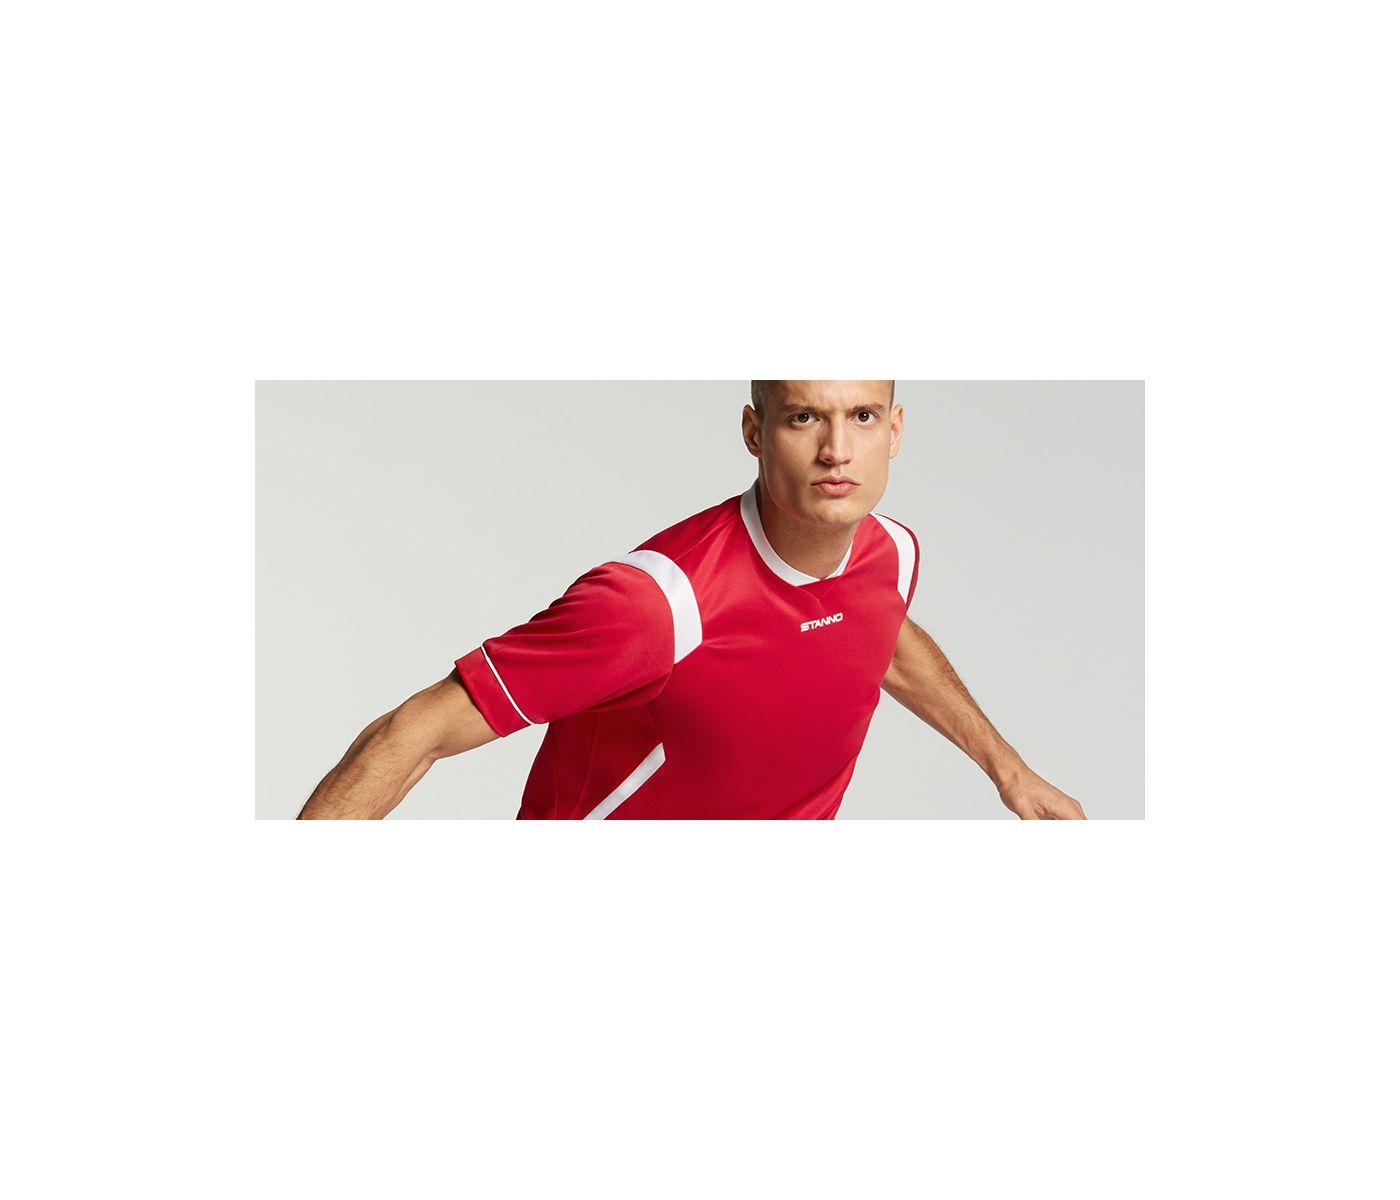 stade_sportkleding_shirts